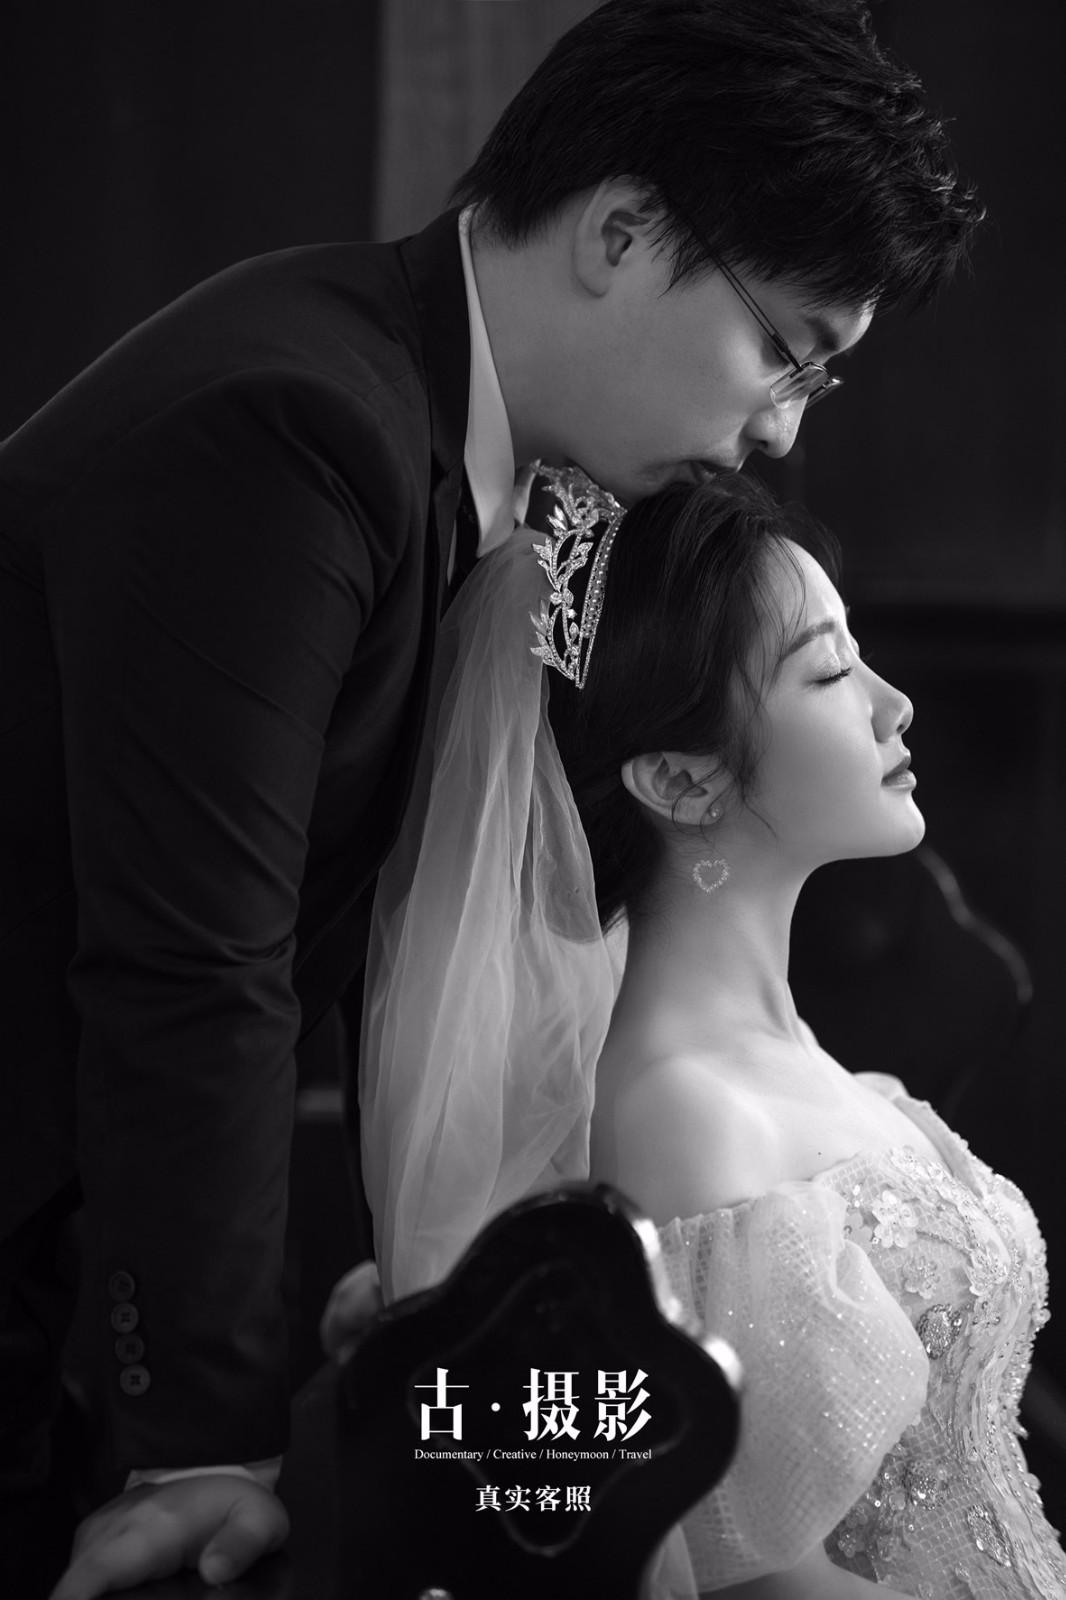 余先生 罗小姐 - 每日客照 - 广州婚纱摄影-广州古摄影官网